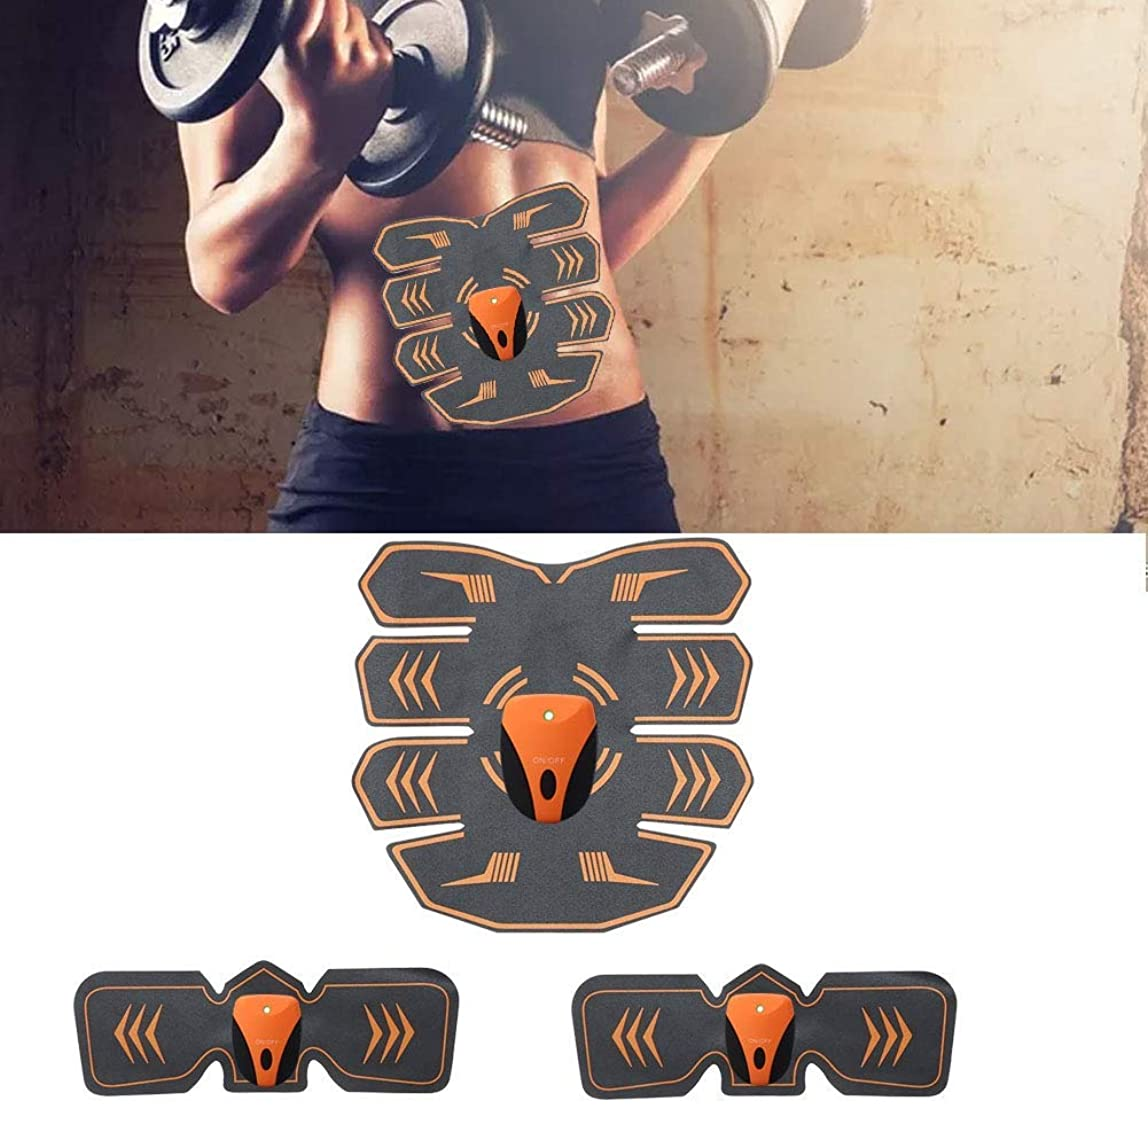 排出廃止するバンガロー電気腹部筋肉刺激装置、ボディウエストトレーナー、フィットネス痩身ベルト男性と女性の減量マッサージ